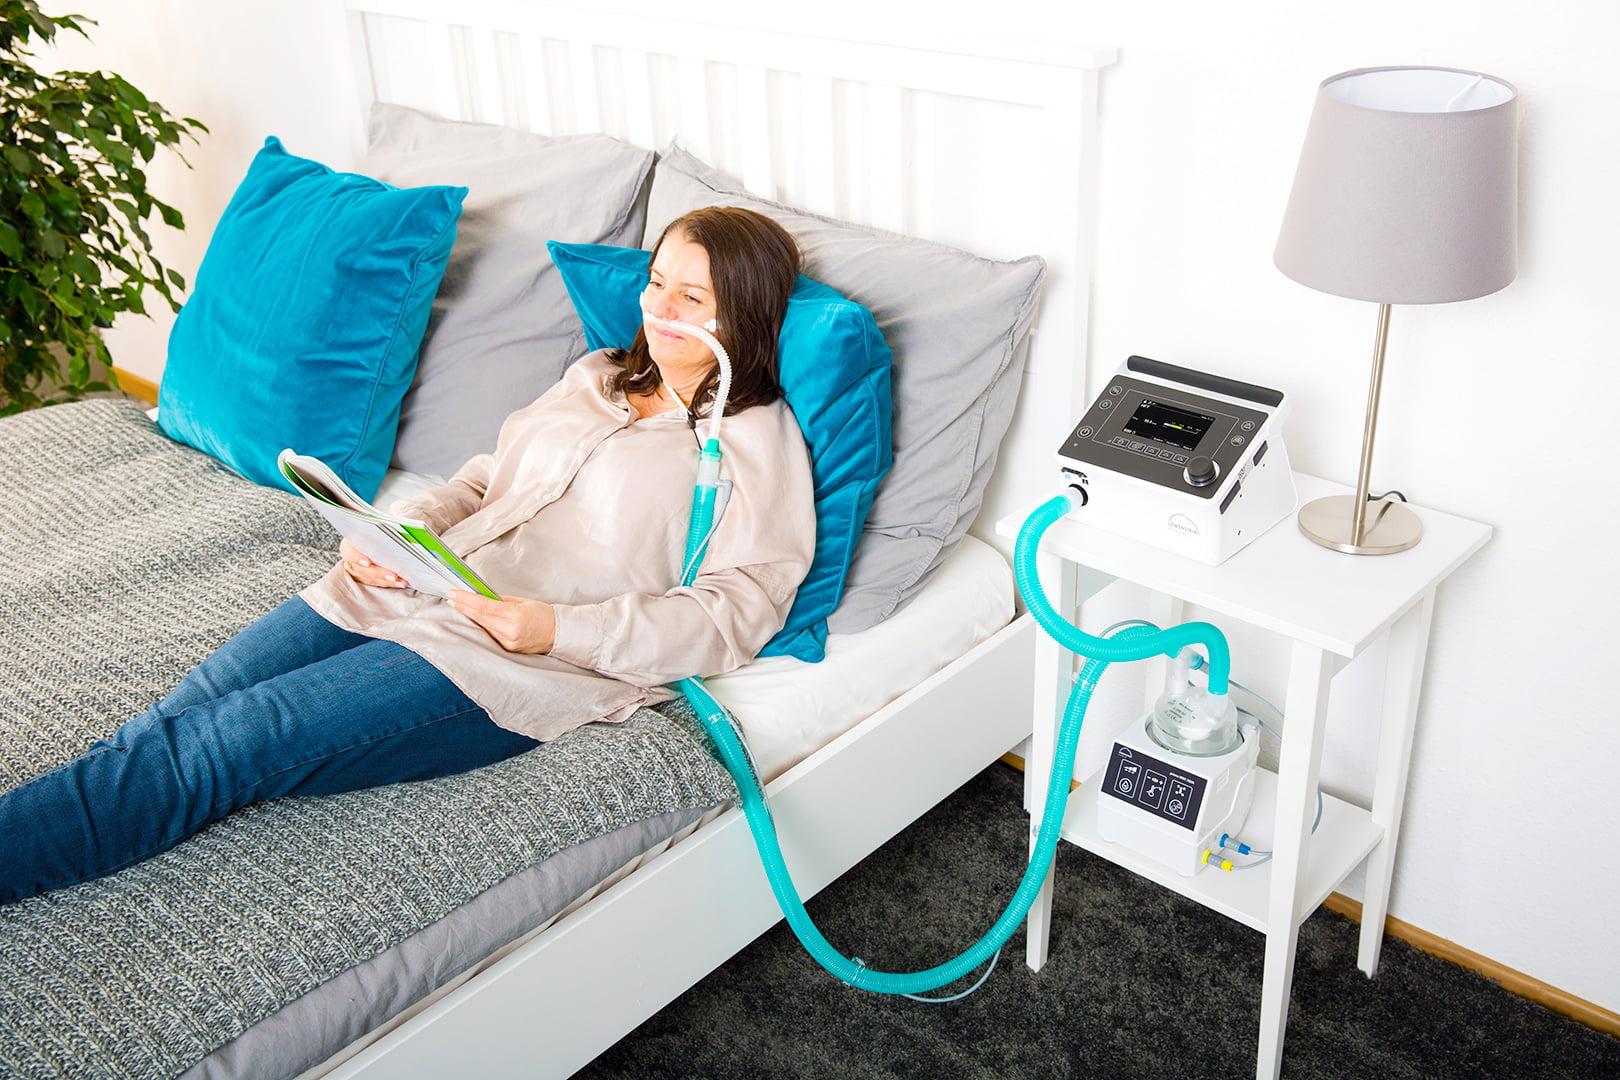 Женщина лежит в кровати Аппарат ИВЛ и НИВЛ неинвазивной и инвазивной вентиляции легких Prisma VENT40, Prisma AQUA